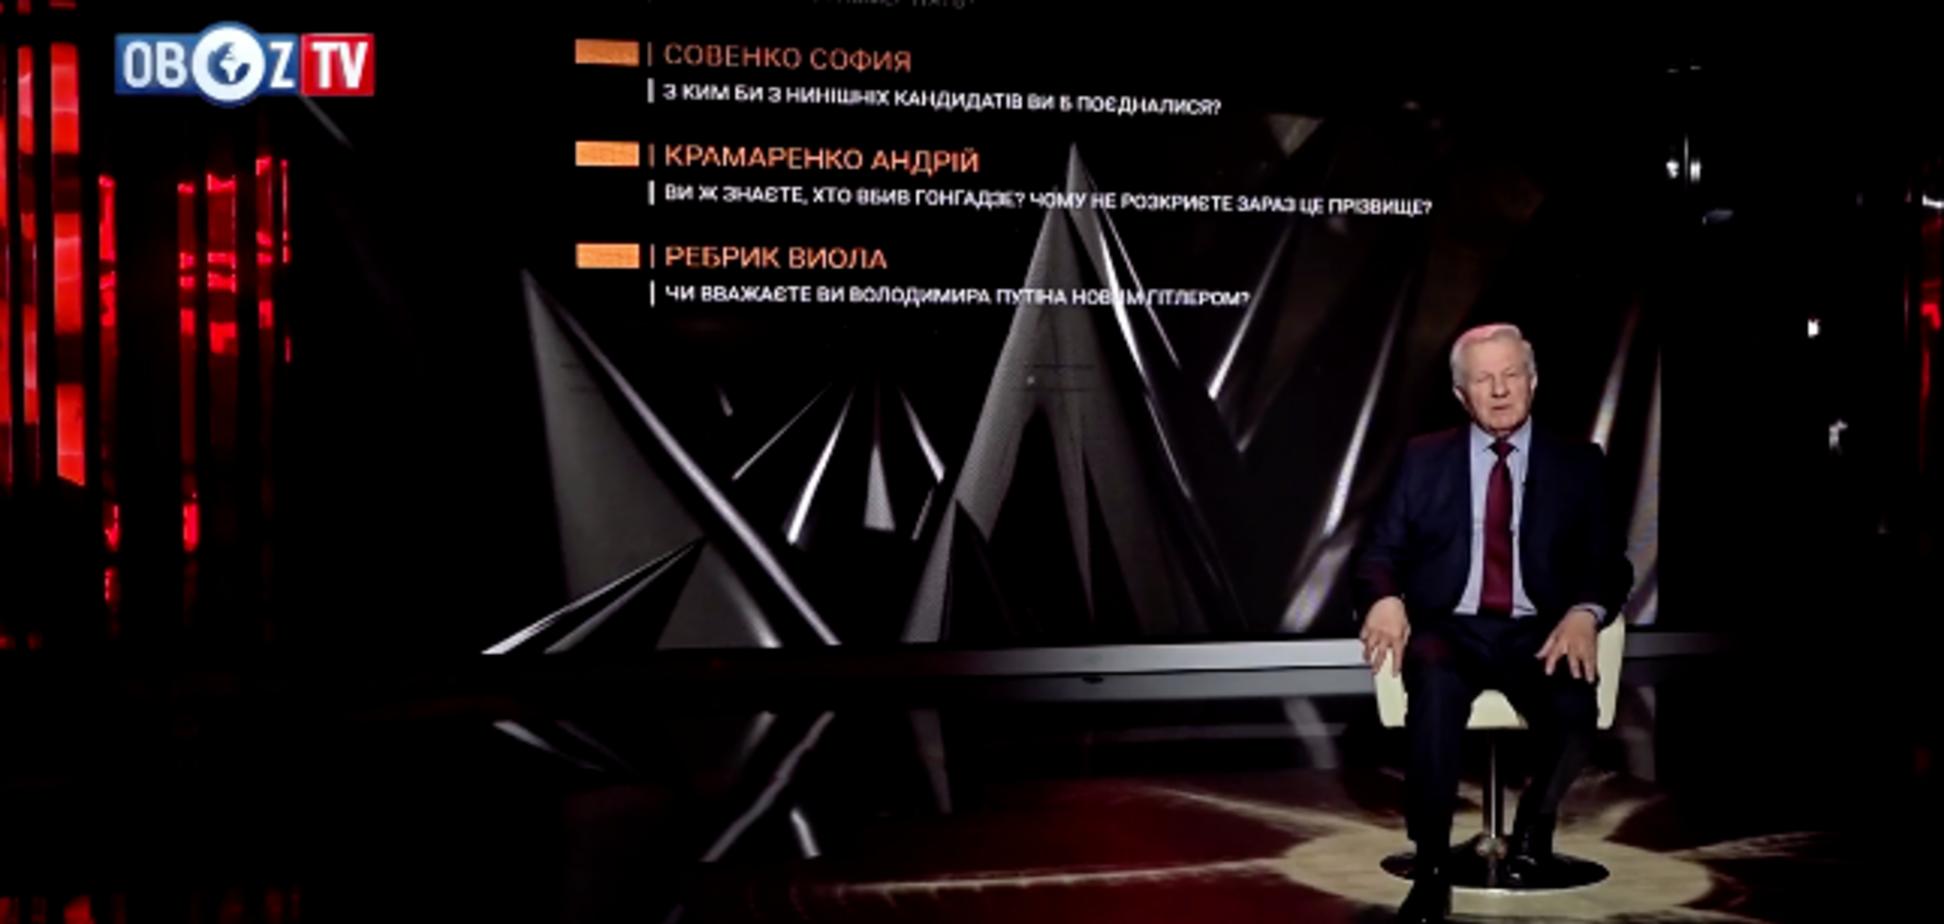 Программа ''Острый вопрос''. Тринадцатый гость – Александр Мороз | ч.1